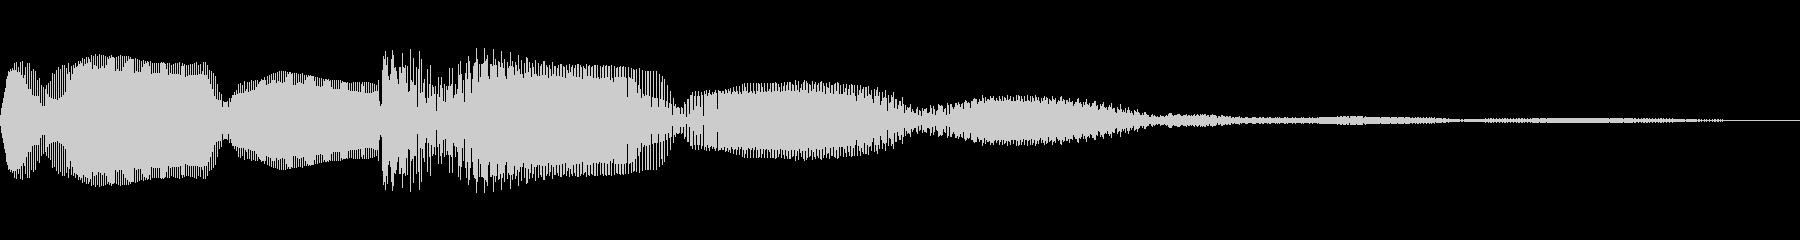 クイズで正解した時のイメージです。決定…の未再生の波形